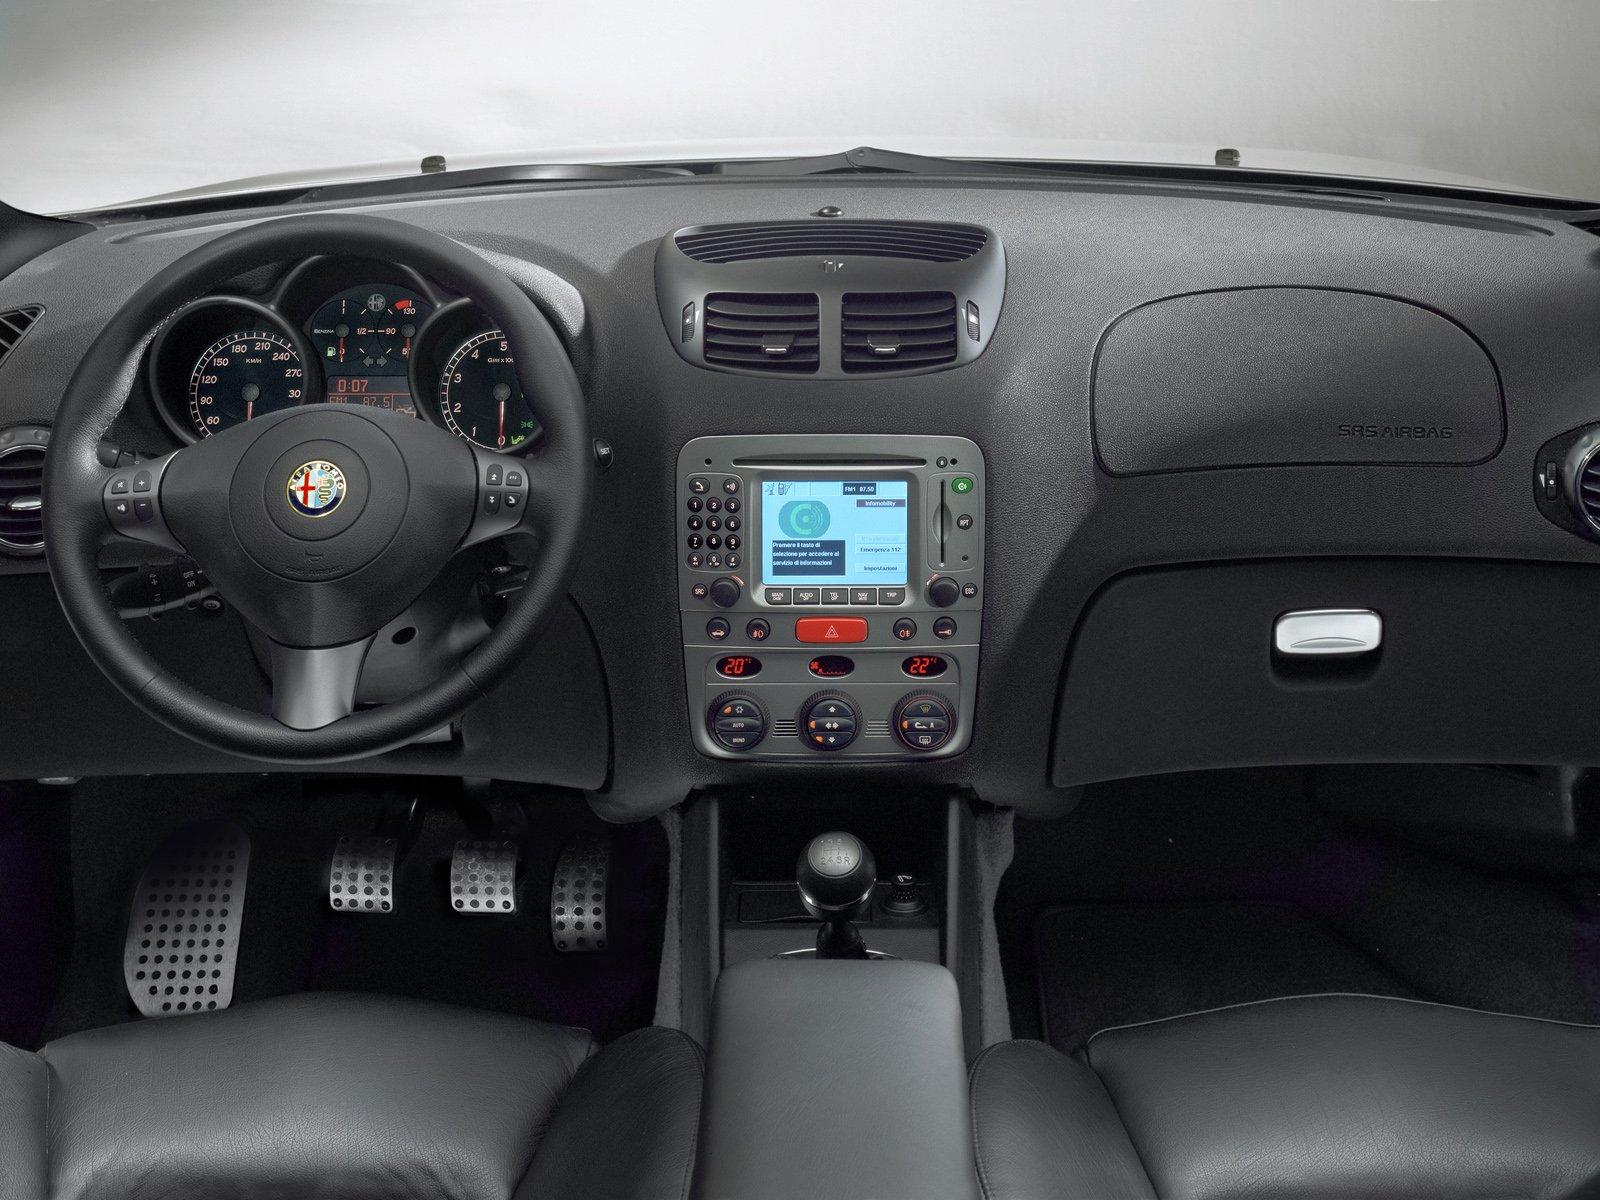 Alfa Romeo 147 Review And Photos Interior 16 Blue